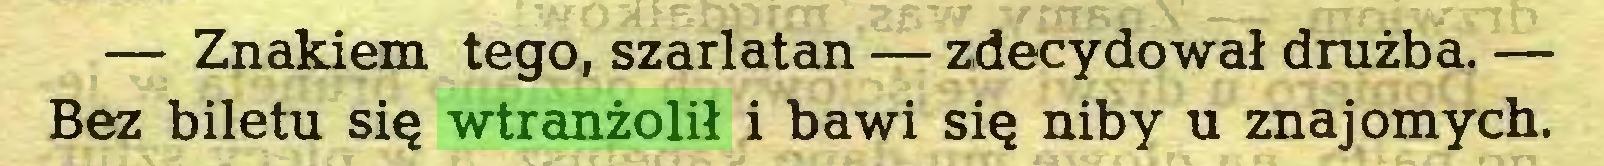 (...) — Znakiem tego, szarlatan — zdecydował drużba. — Bez biletu się wtranżolił i bawi się niby u znajomych...